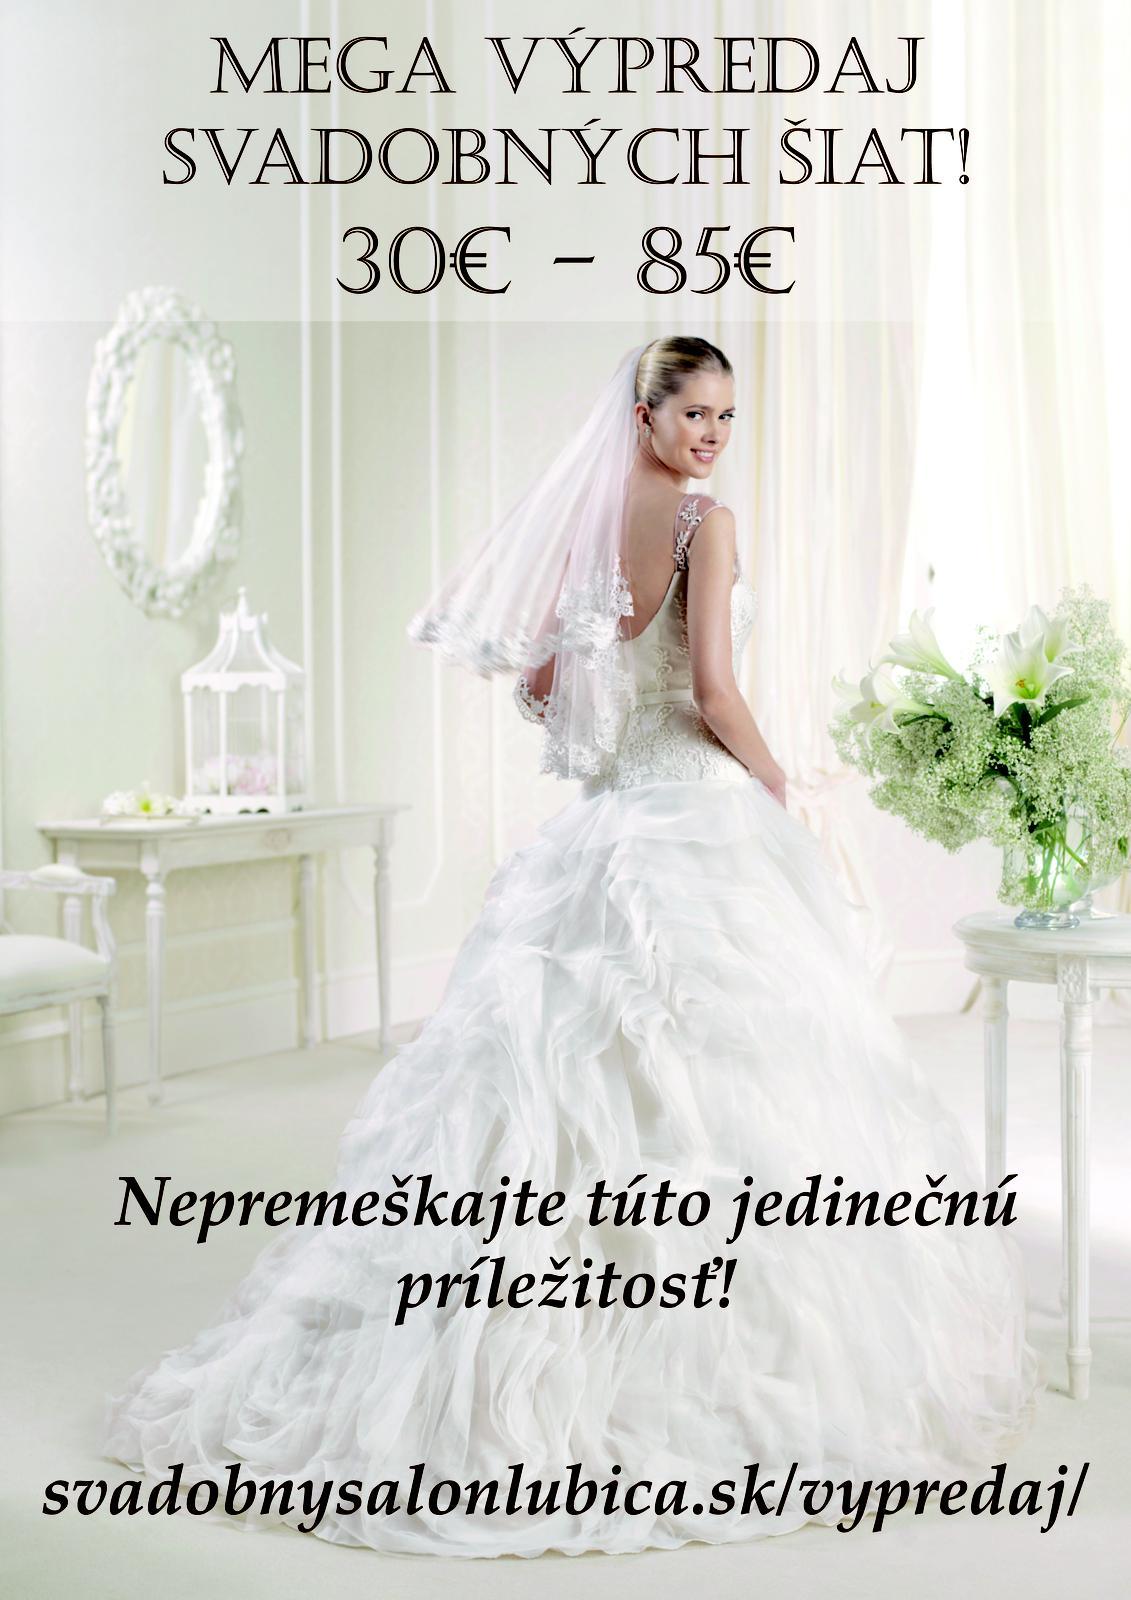 Mega výpredaj svadobných šiat - www.svadobnysalonlubica.sk/vypredaj/